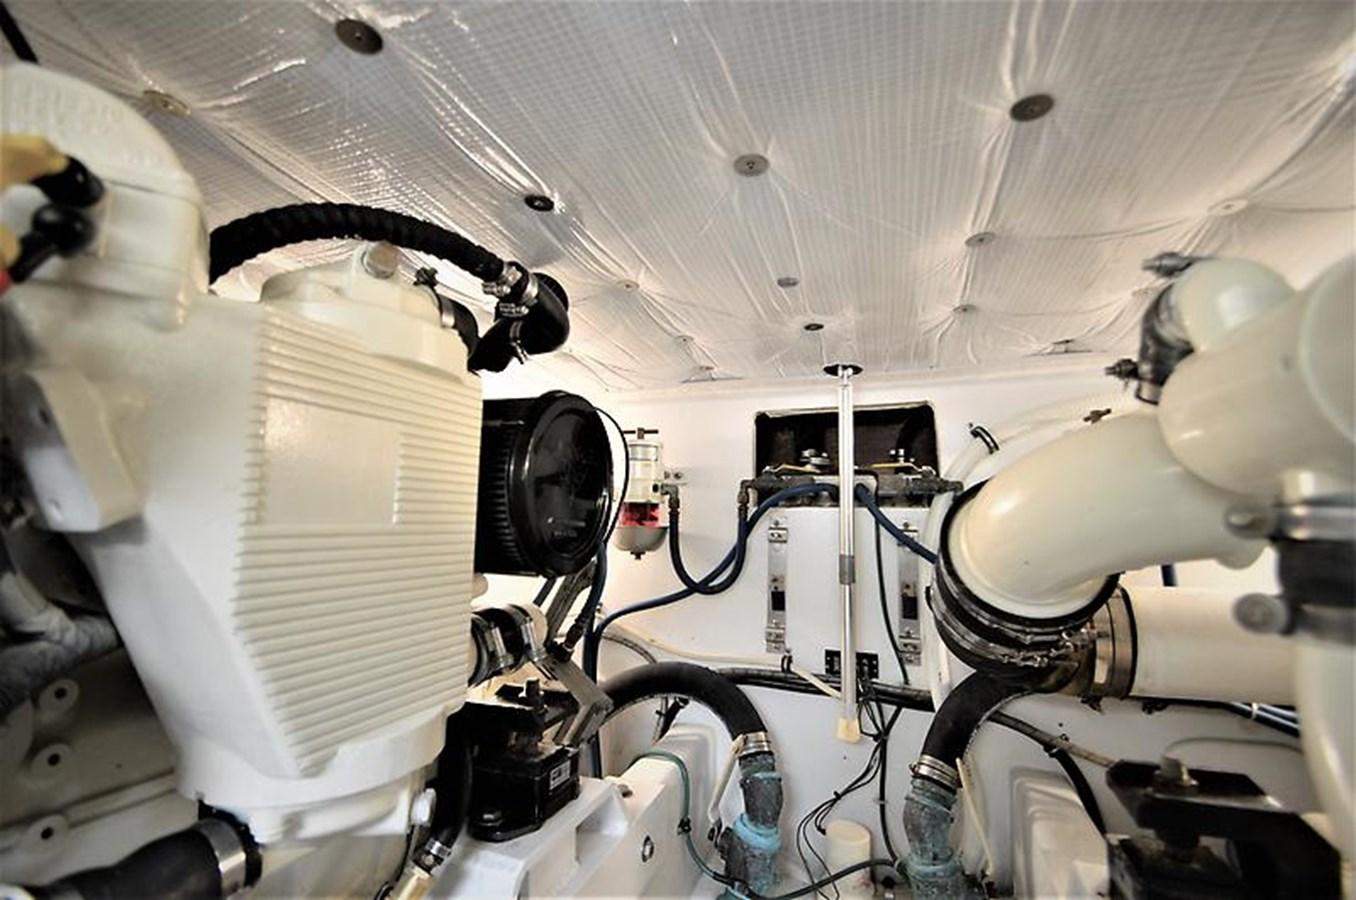 2001 Custom Rambo Fisharound Express Engine Room - 34 CUSTOM / RAMBO For Sale